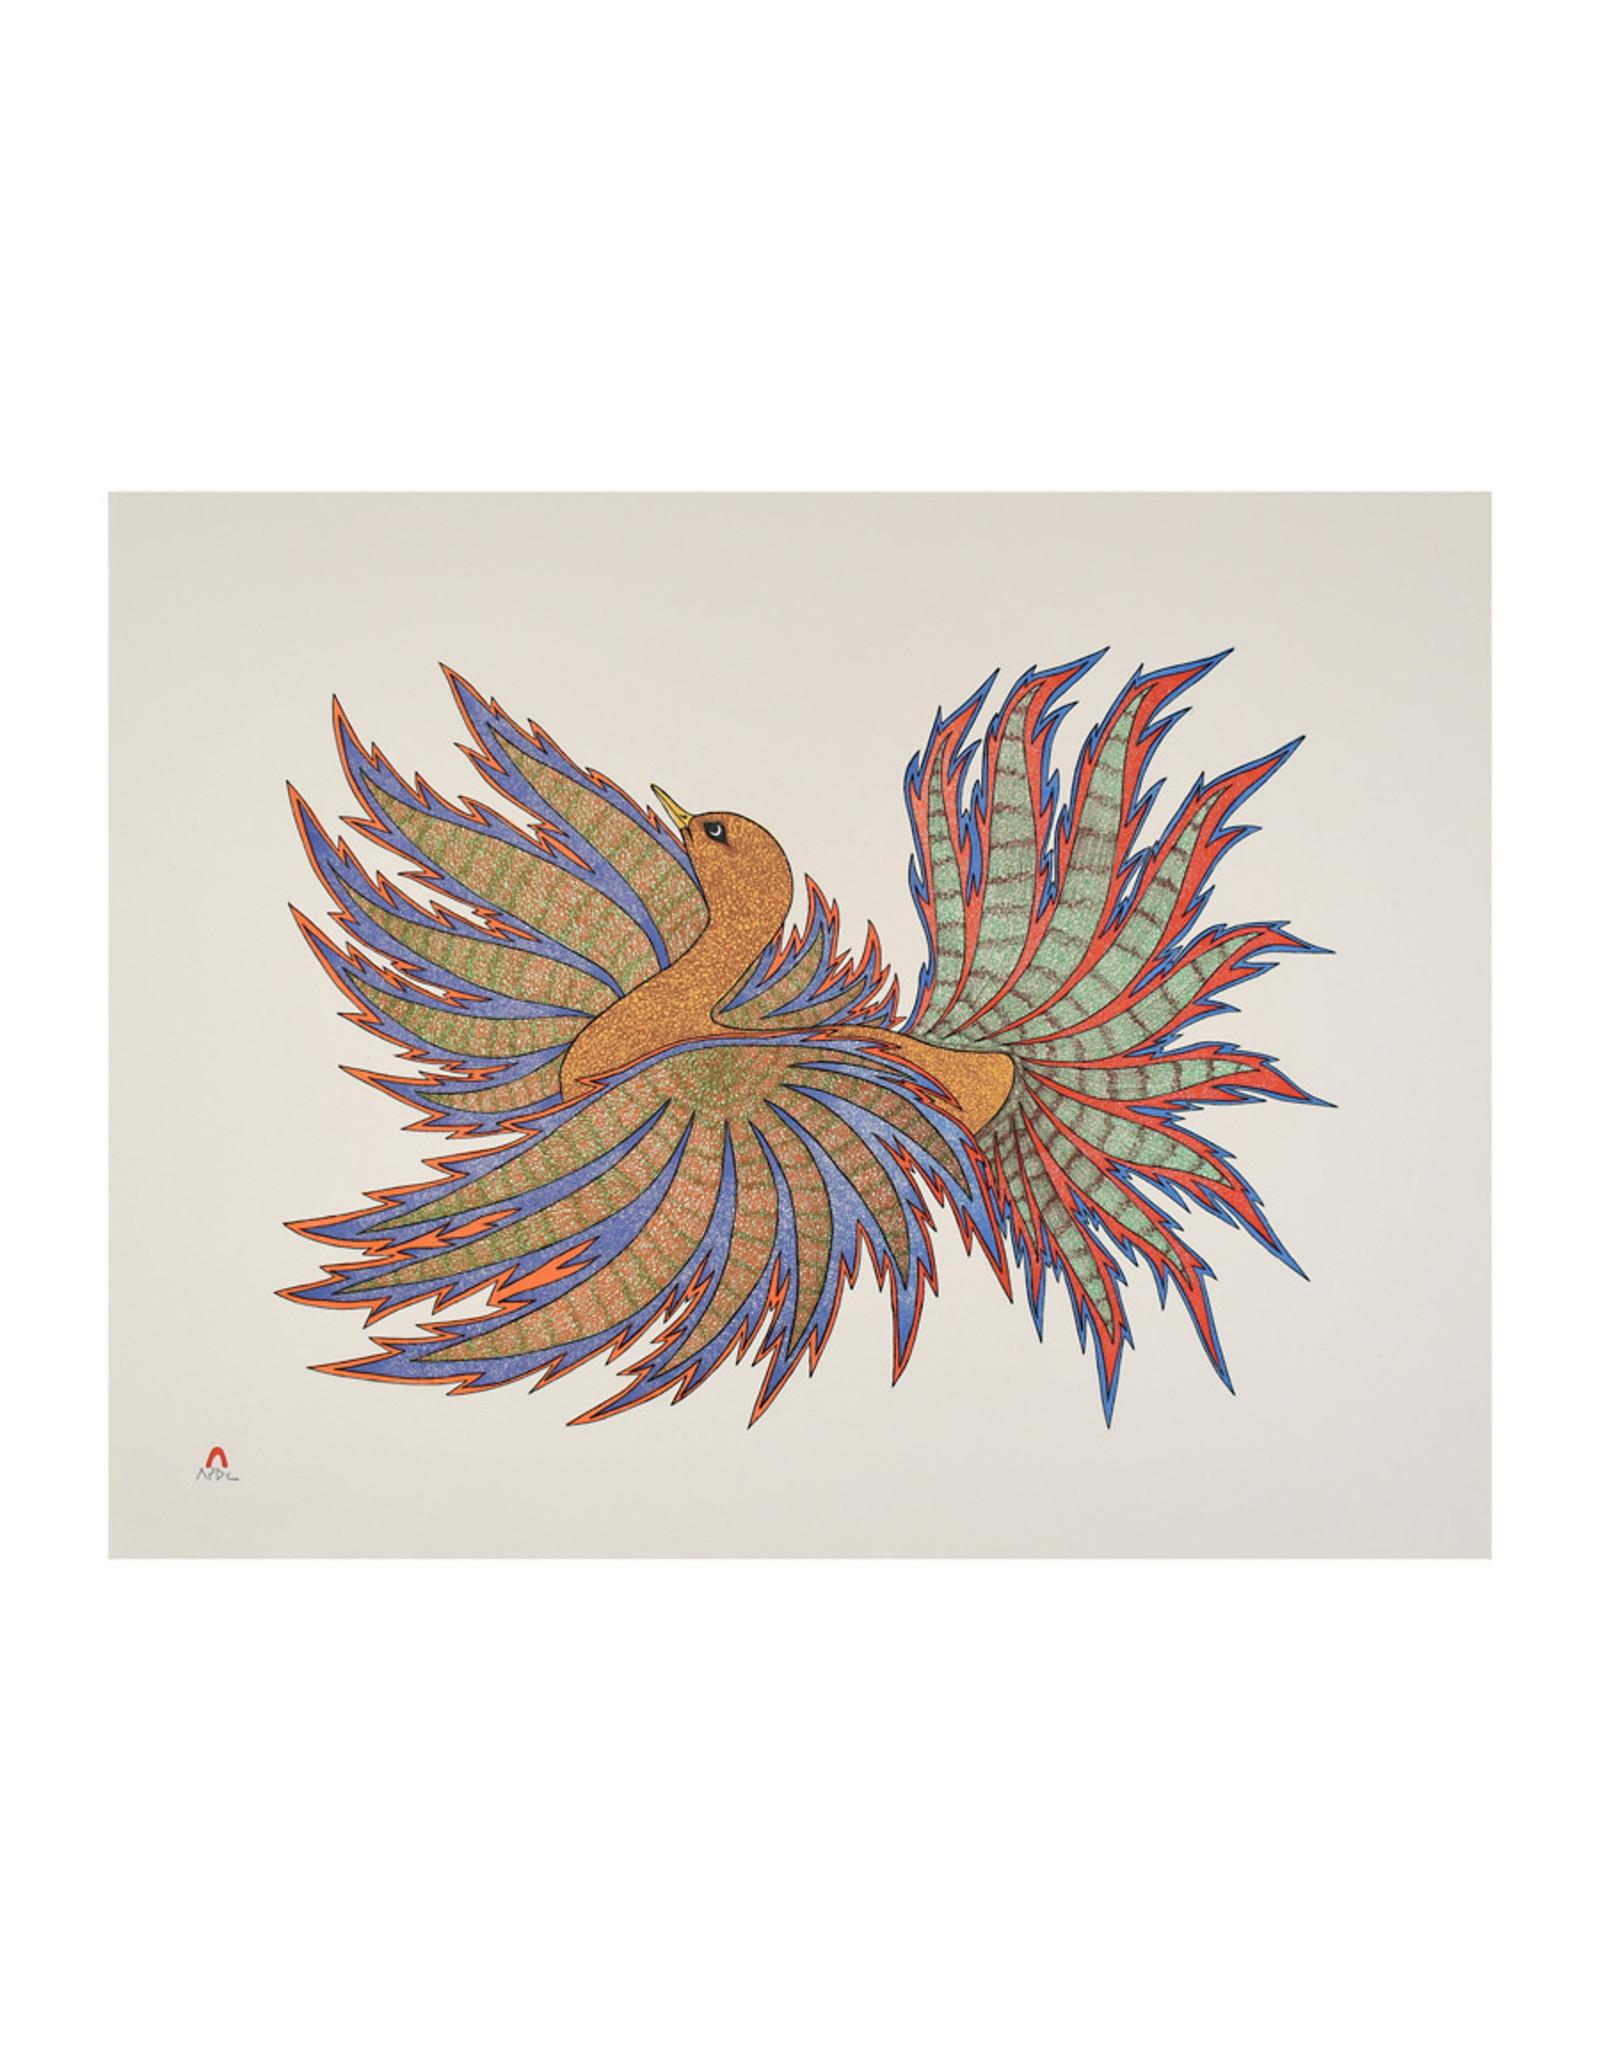 Cape Dorset Art Card: Bird of Baffin